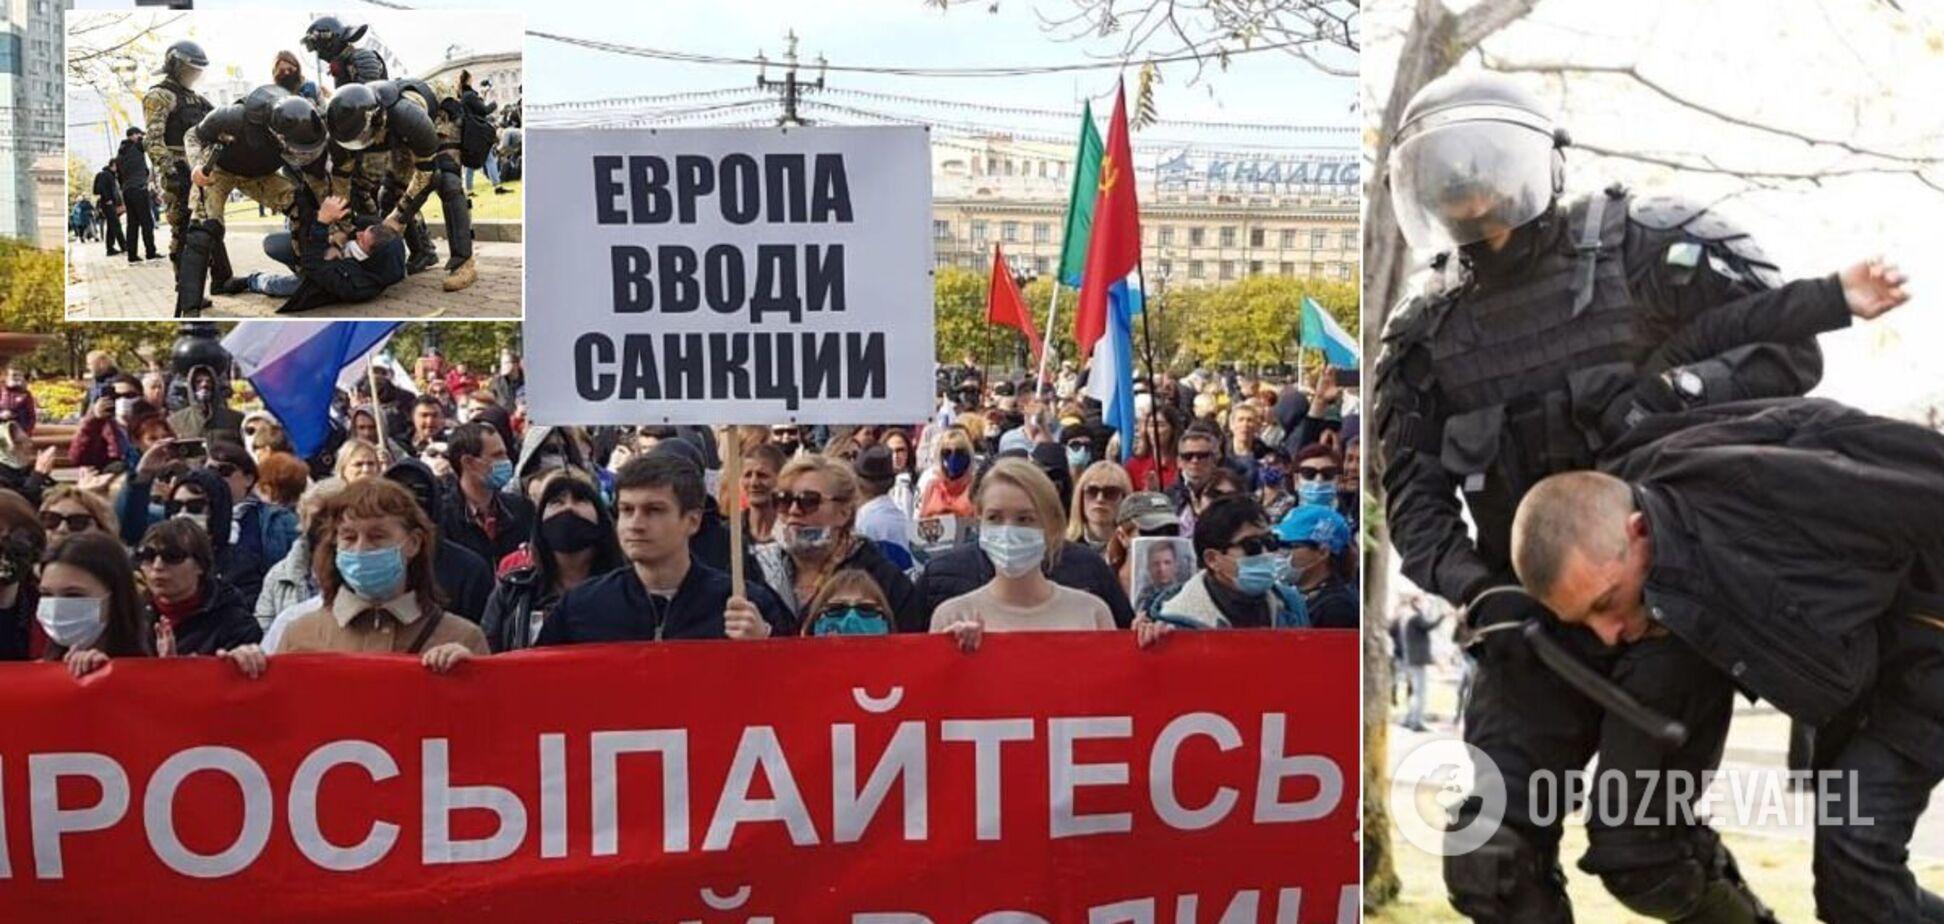 Затримання учасників мітингу в Хабаровську